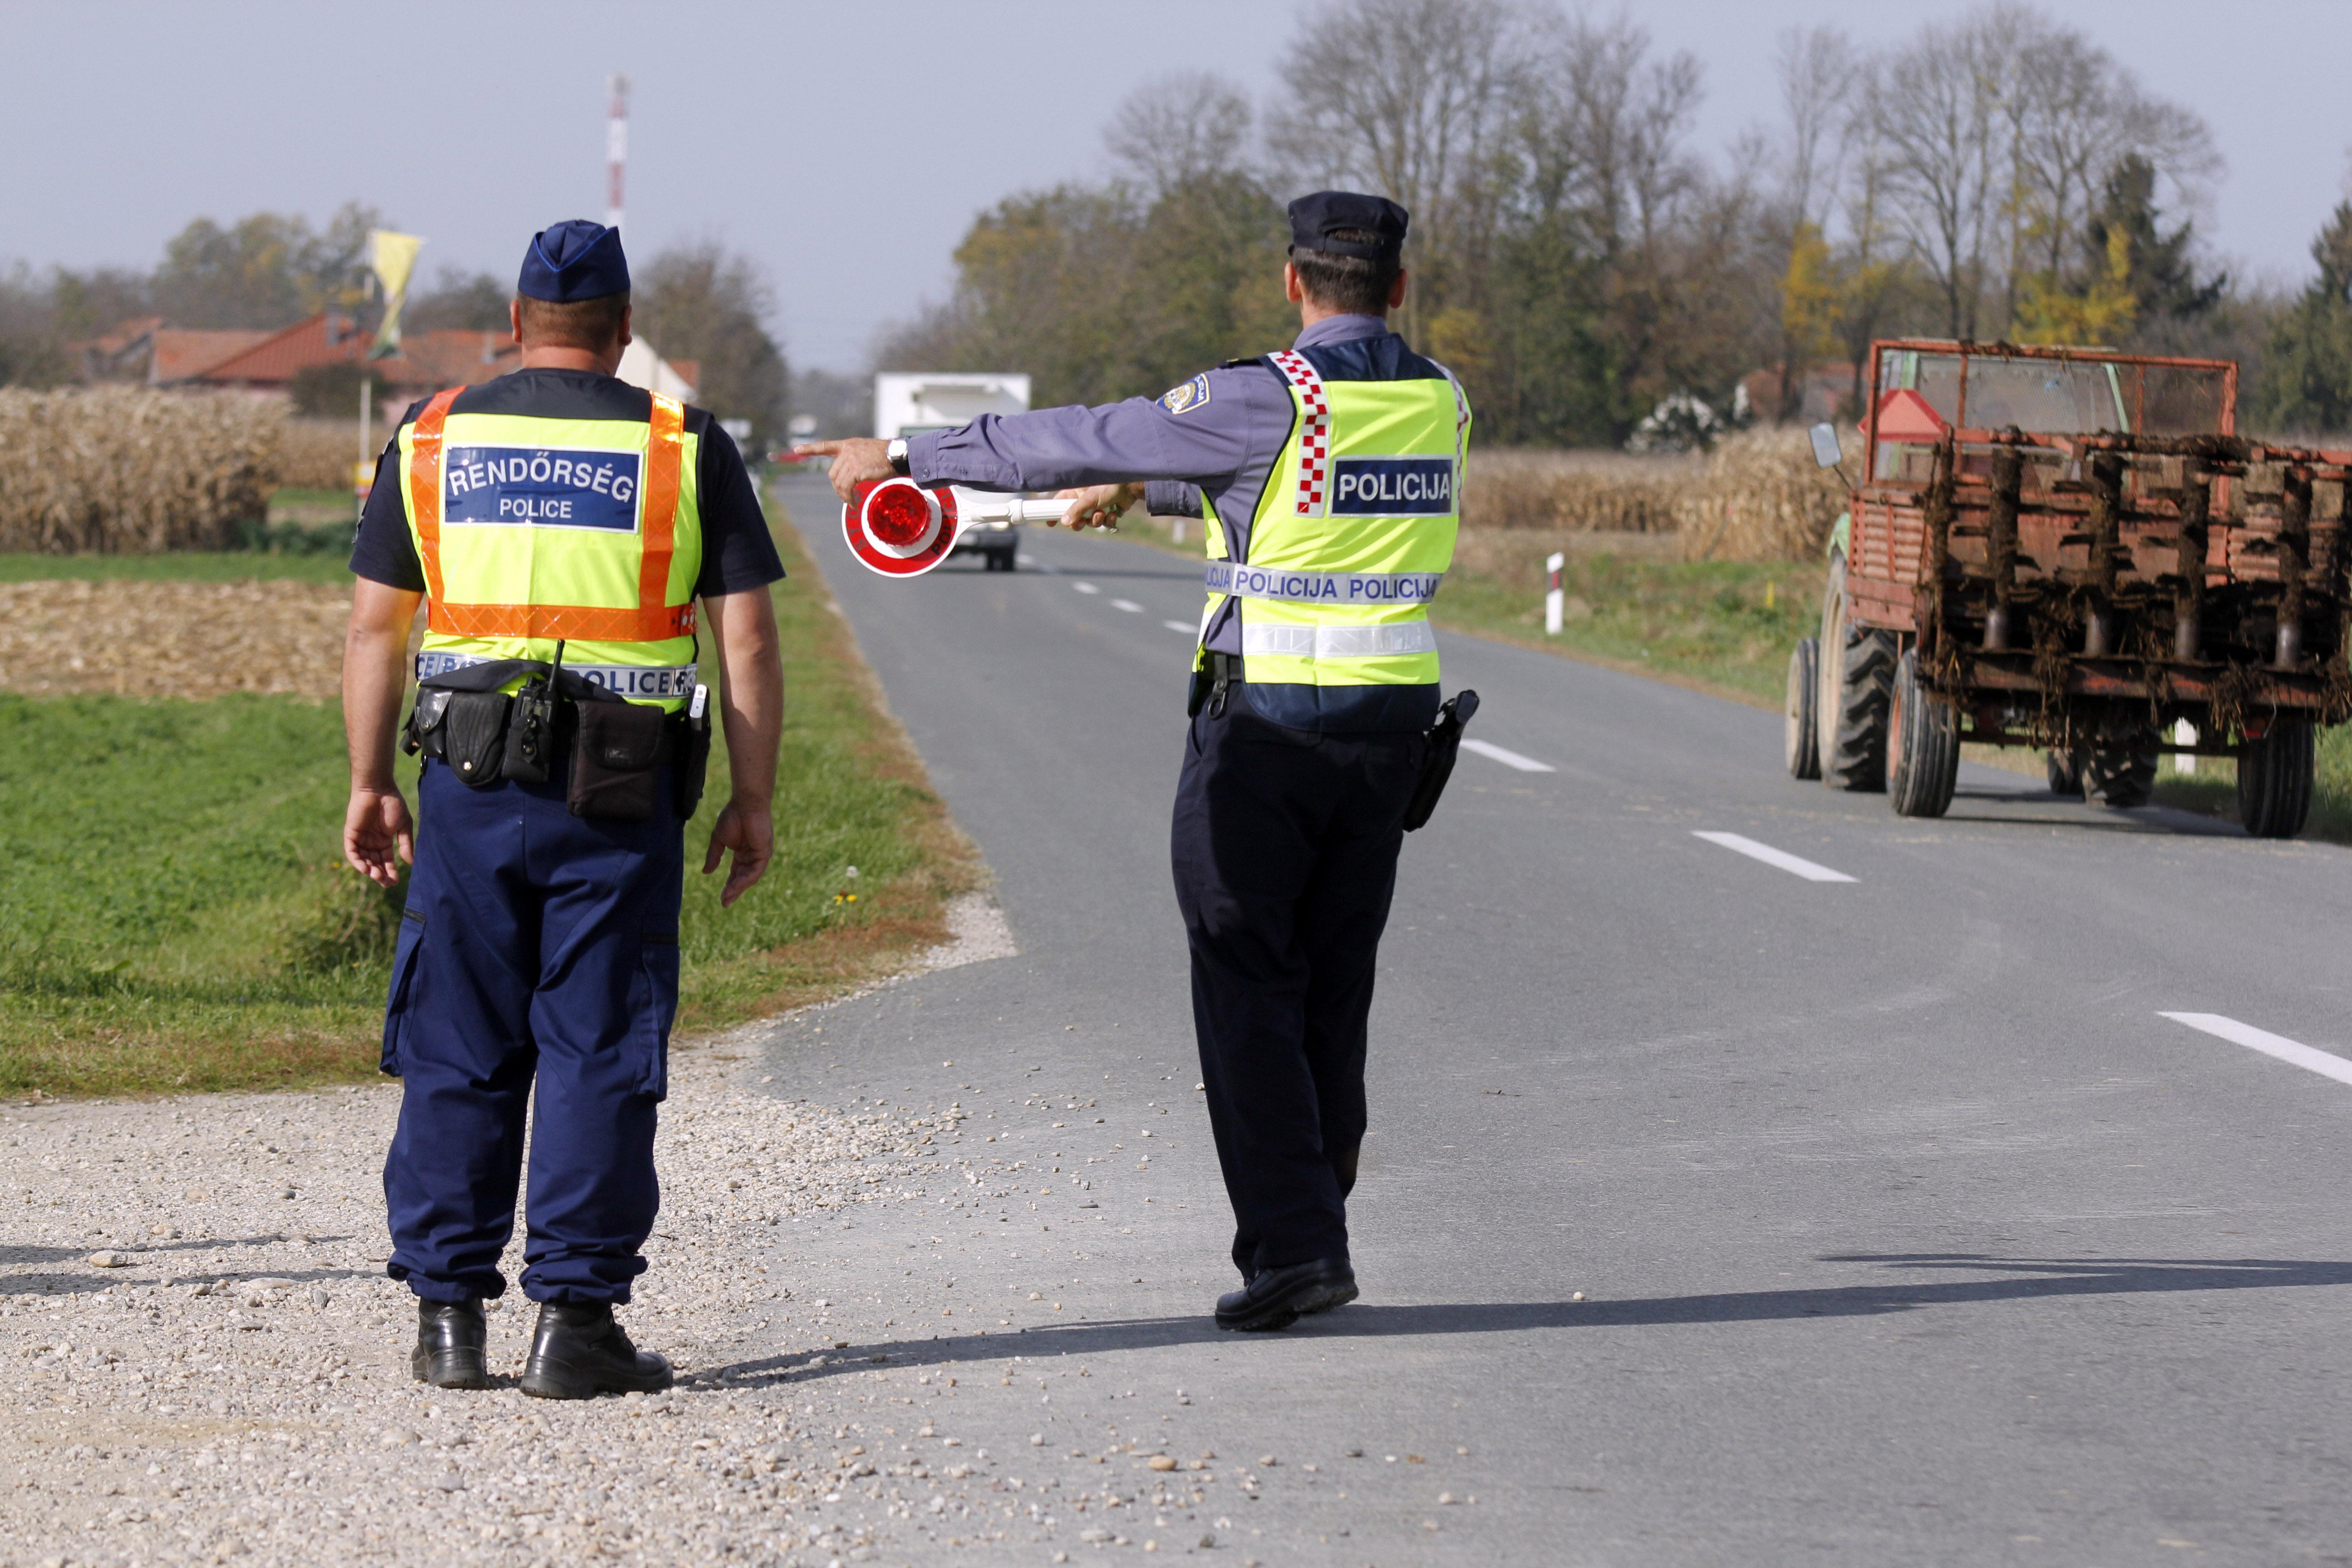 Završena obuka graničnih policajaca iz osam članica EU